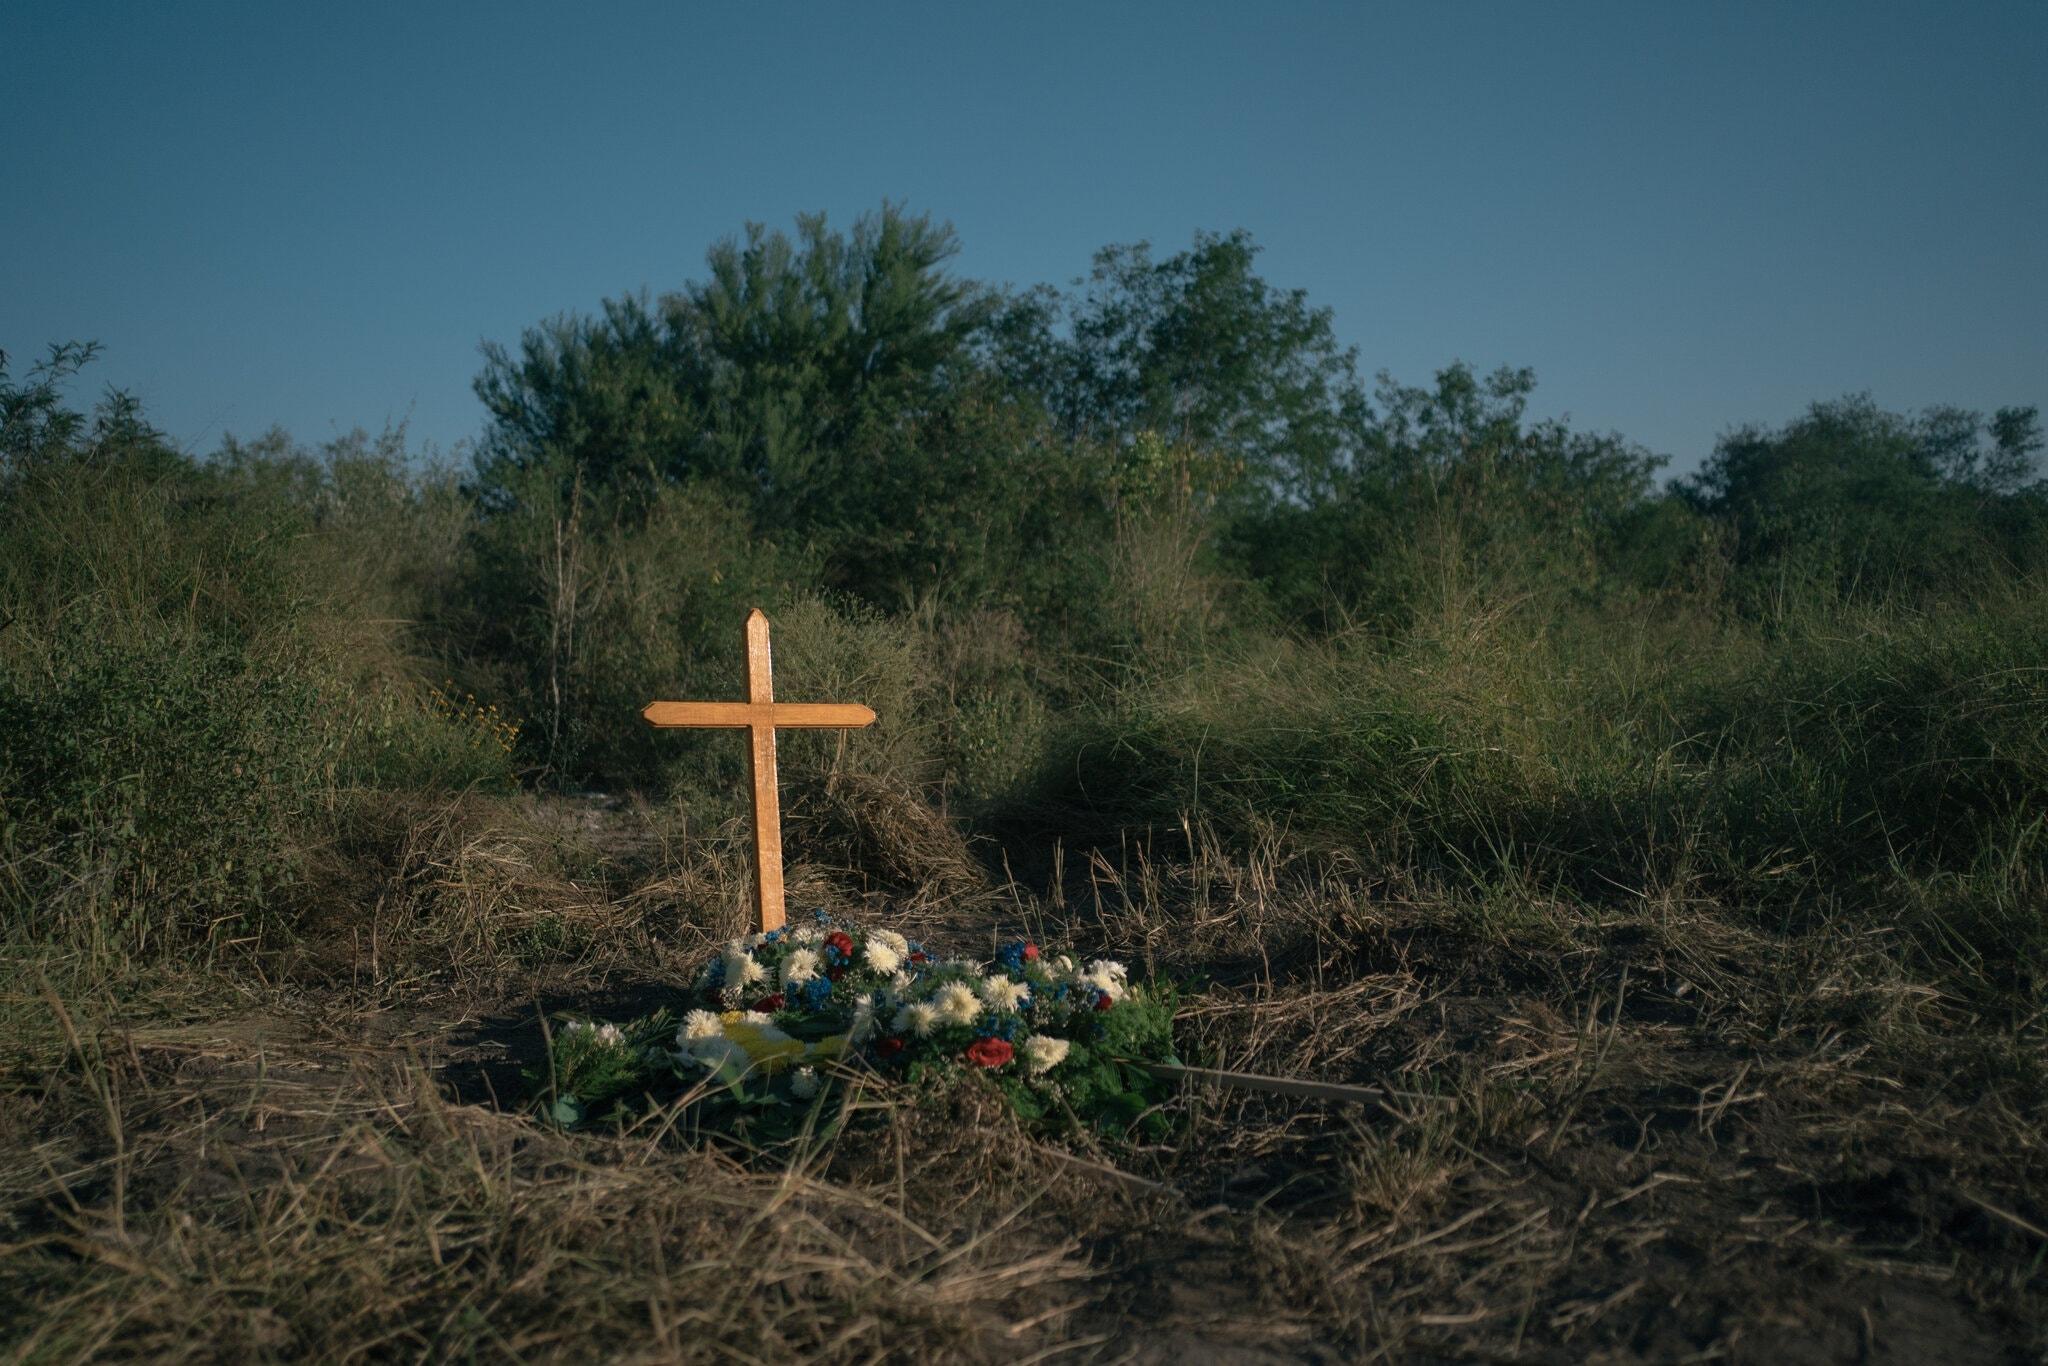 Шокирующая история: Мириам Родригес нашла десятерых убийц своей дочери и посадила их в тюрьму - фото №3